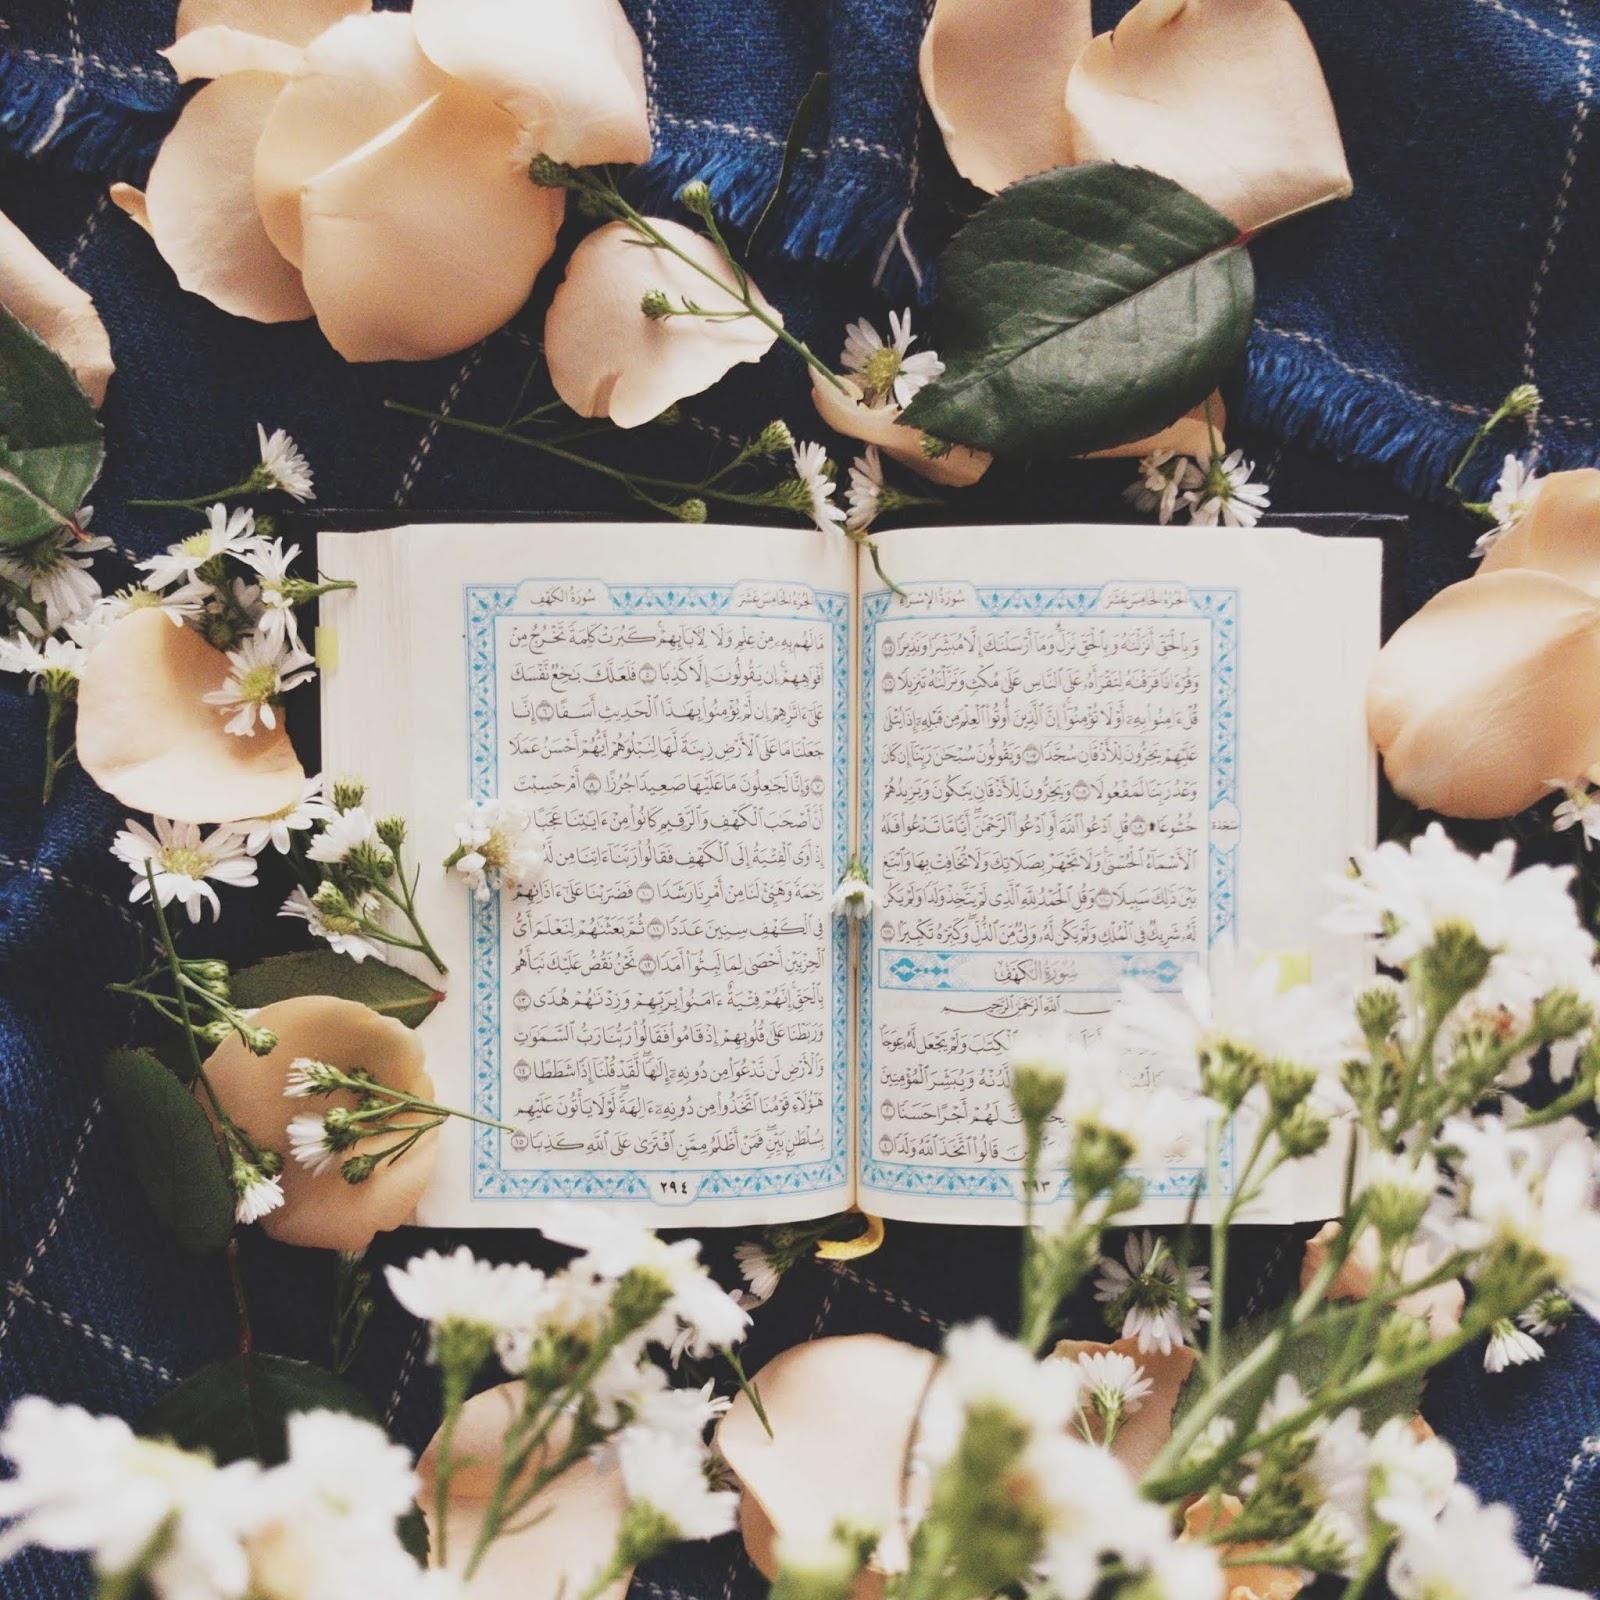 صور اسلامية خلفيات دينية واسلامية صور ادعية